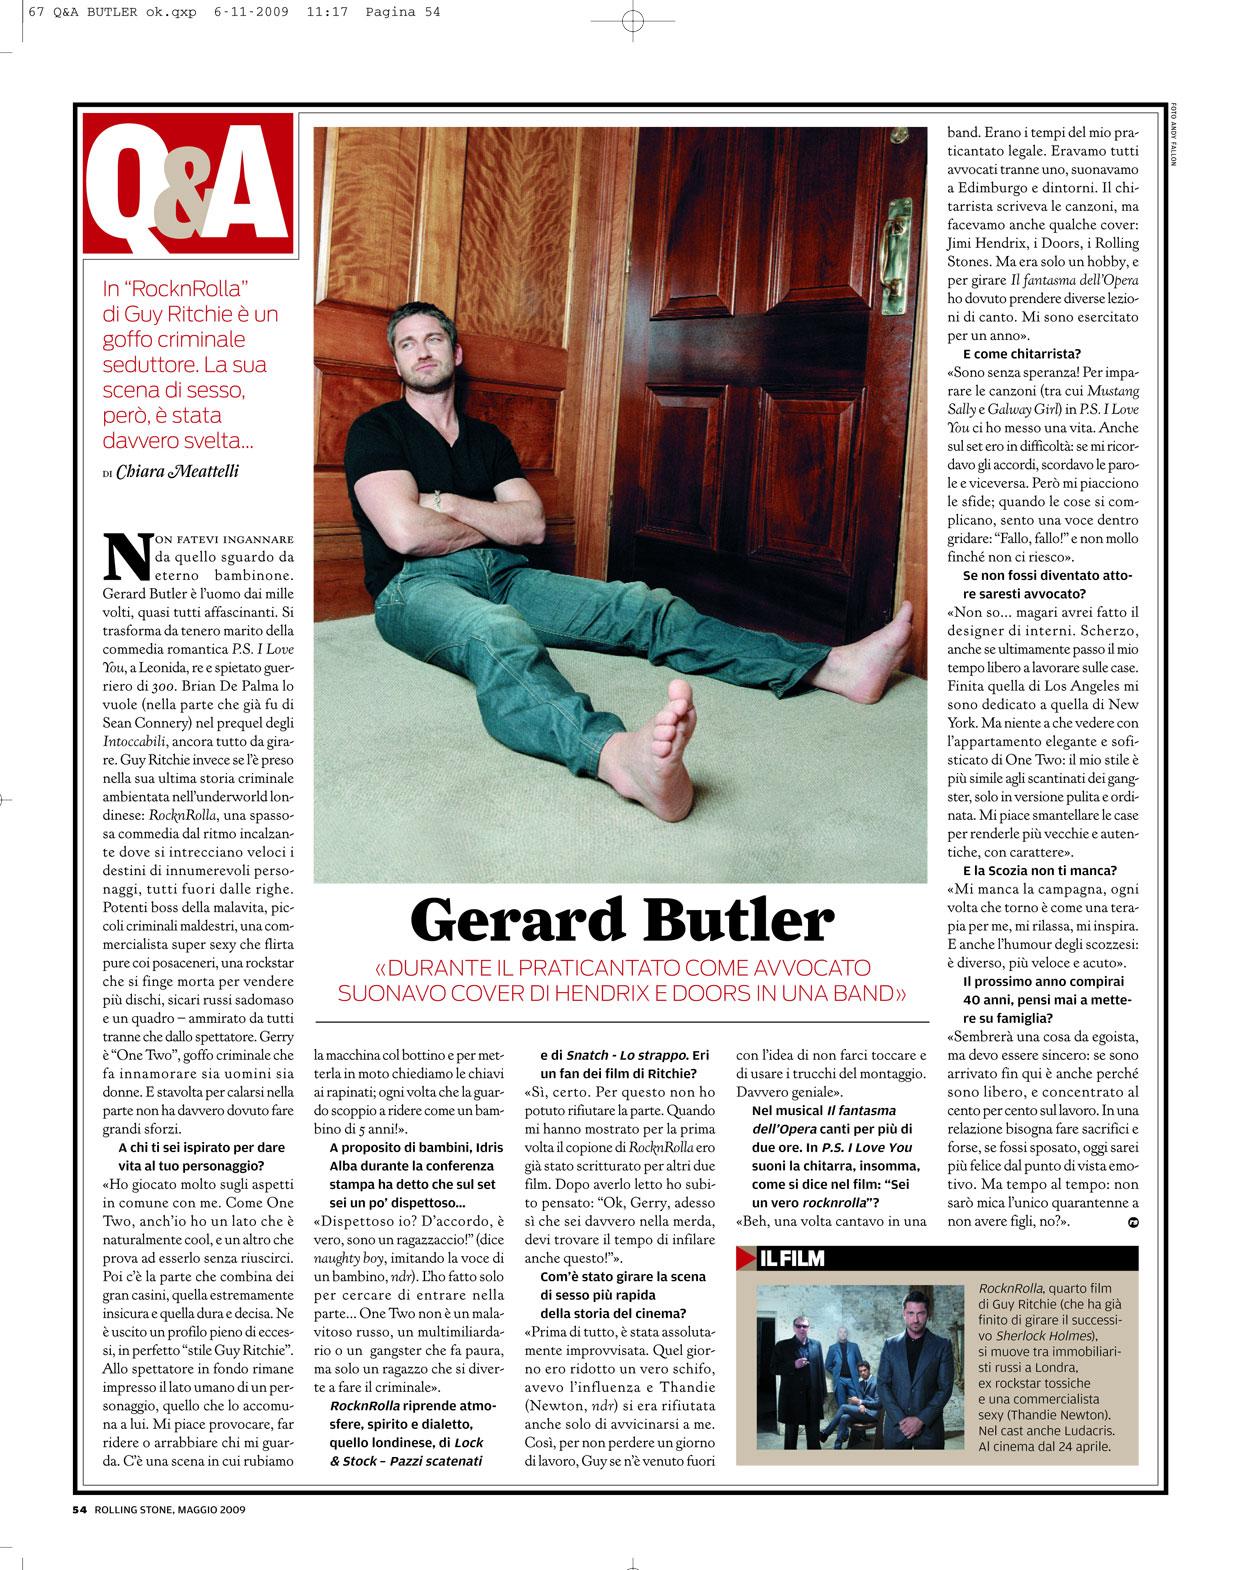 Rolling Stone magazine: Gerard Butler interview